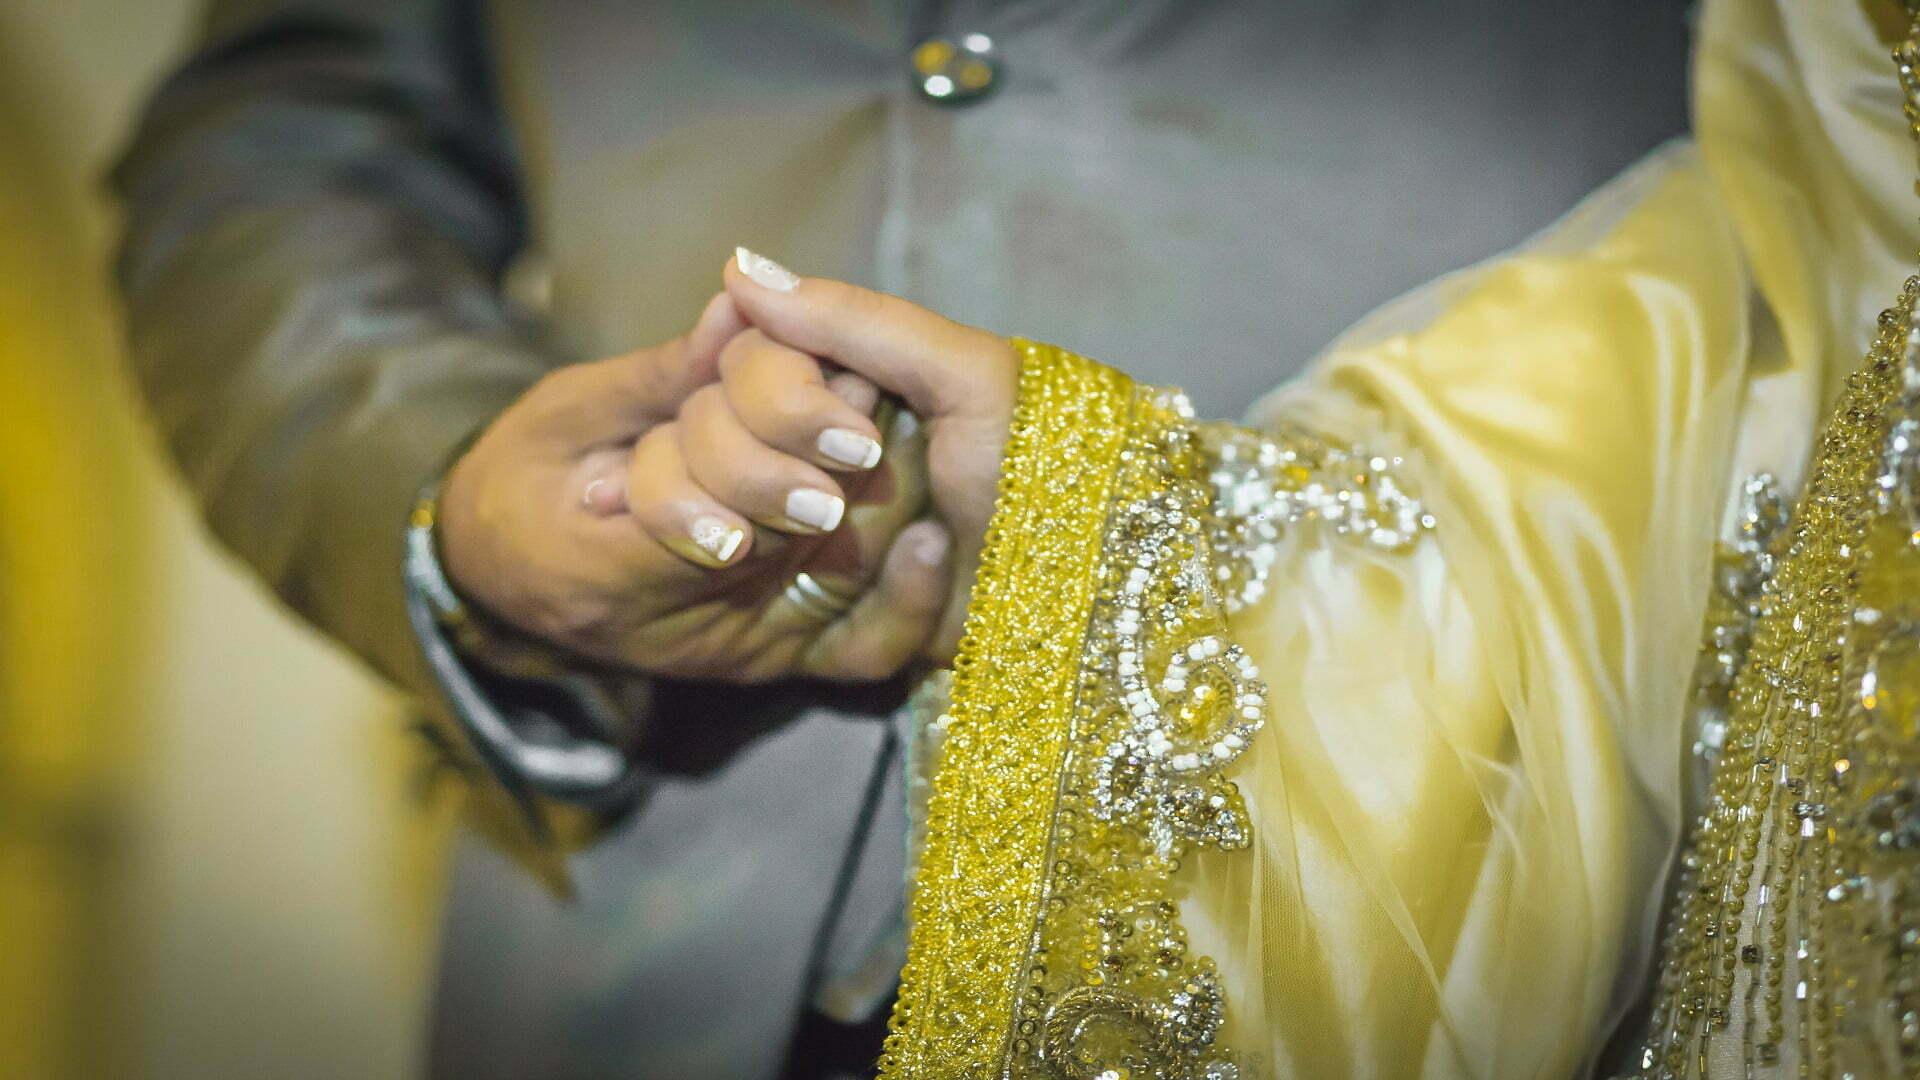 الترخيص بإقامة الأعراس والحفلات مستبعد